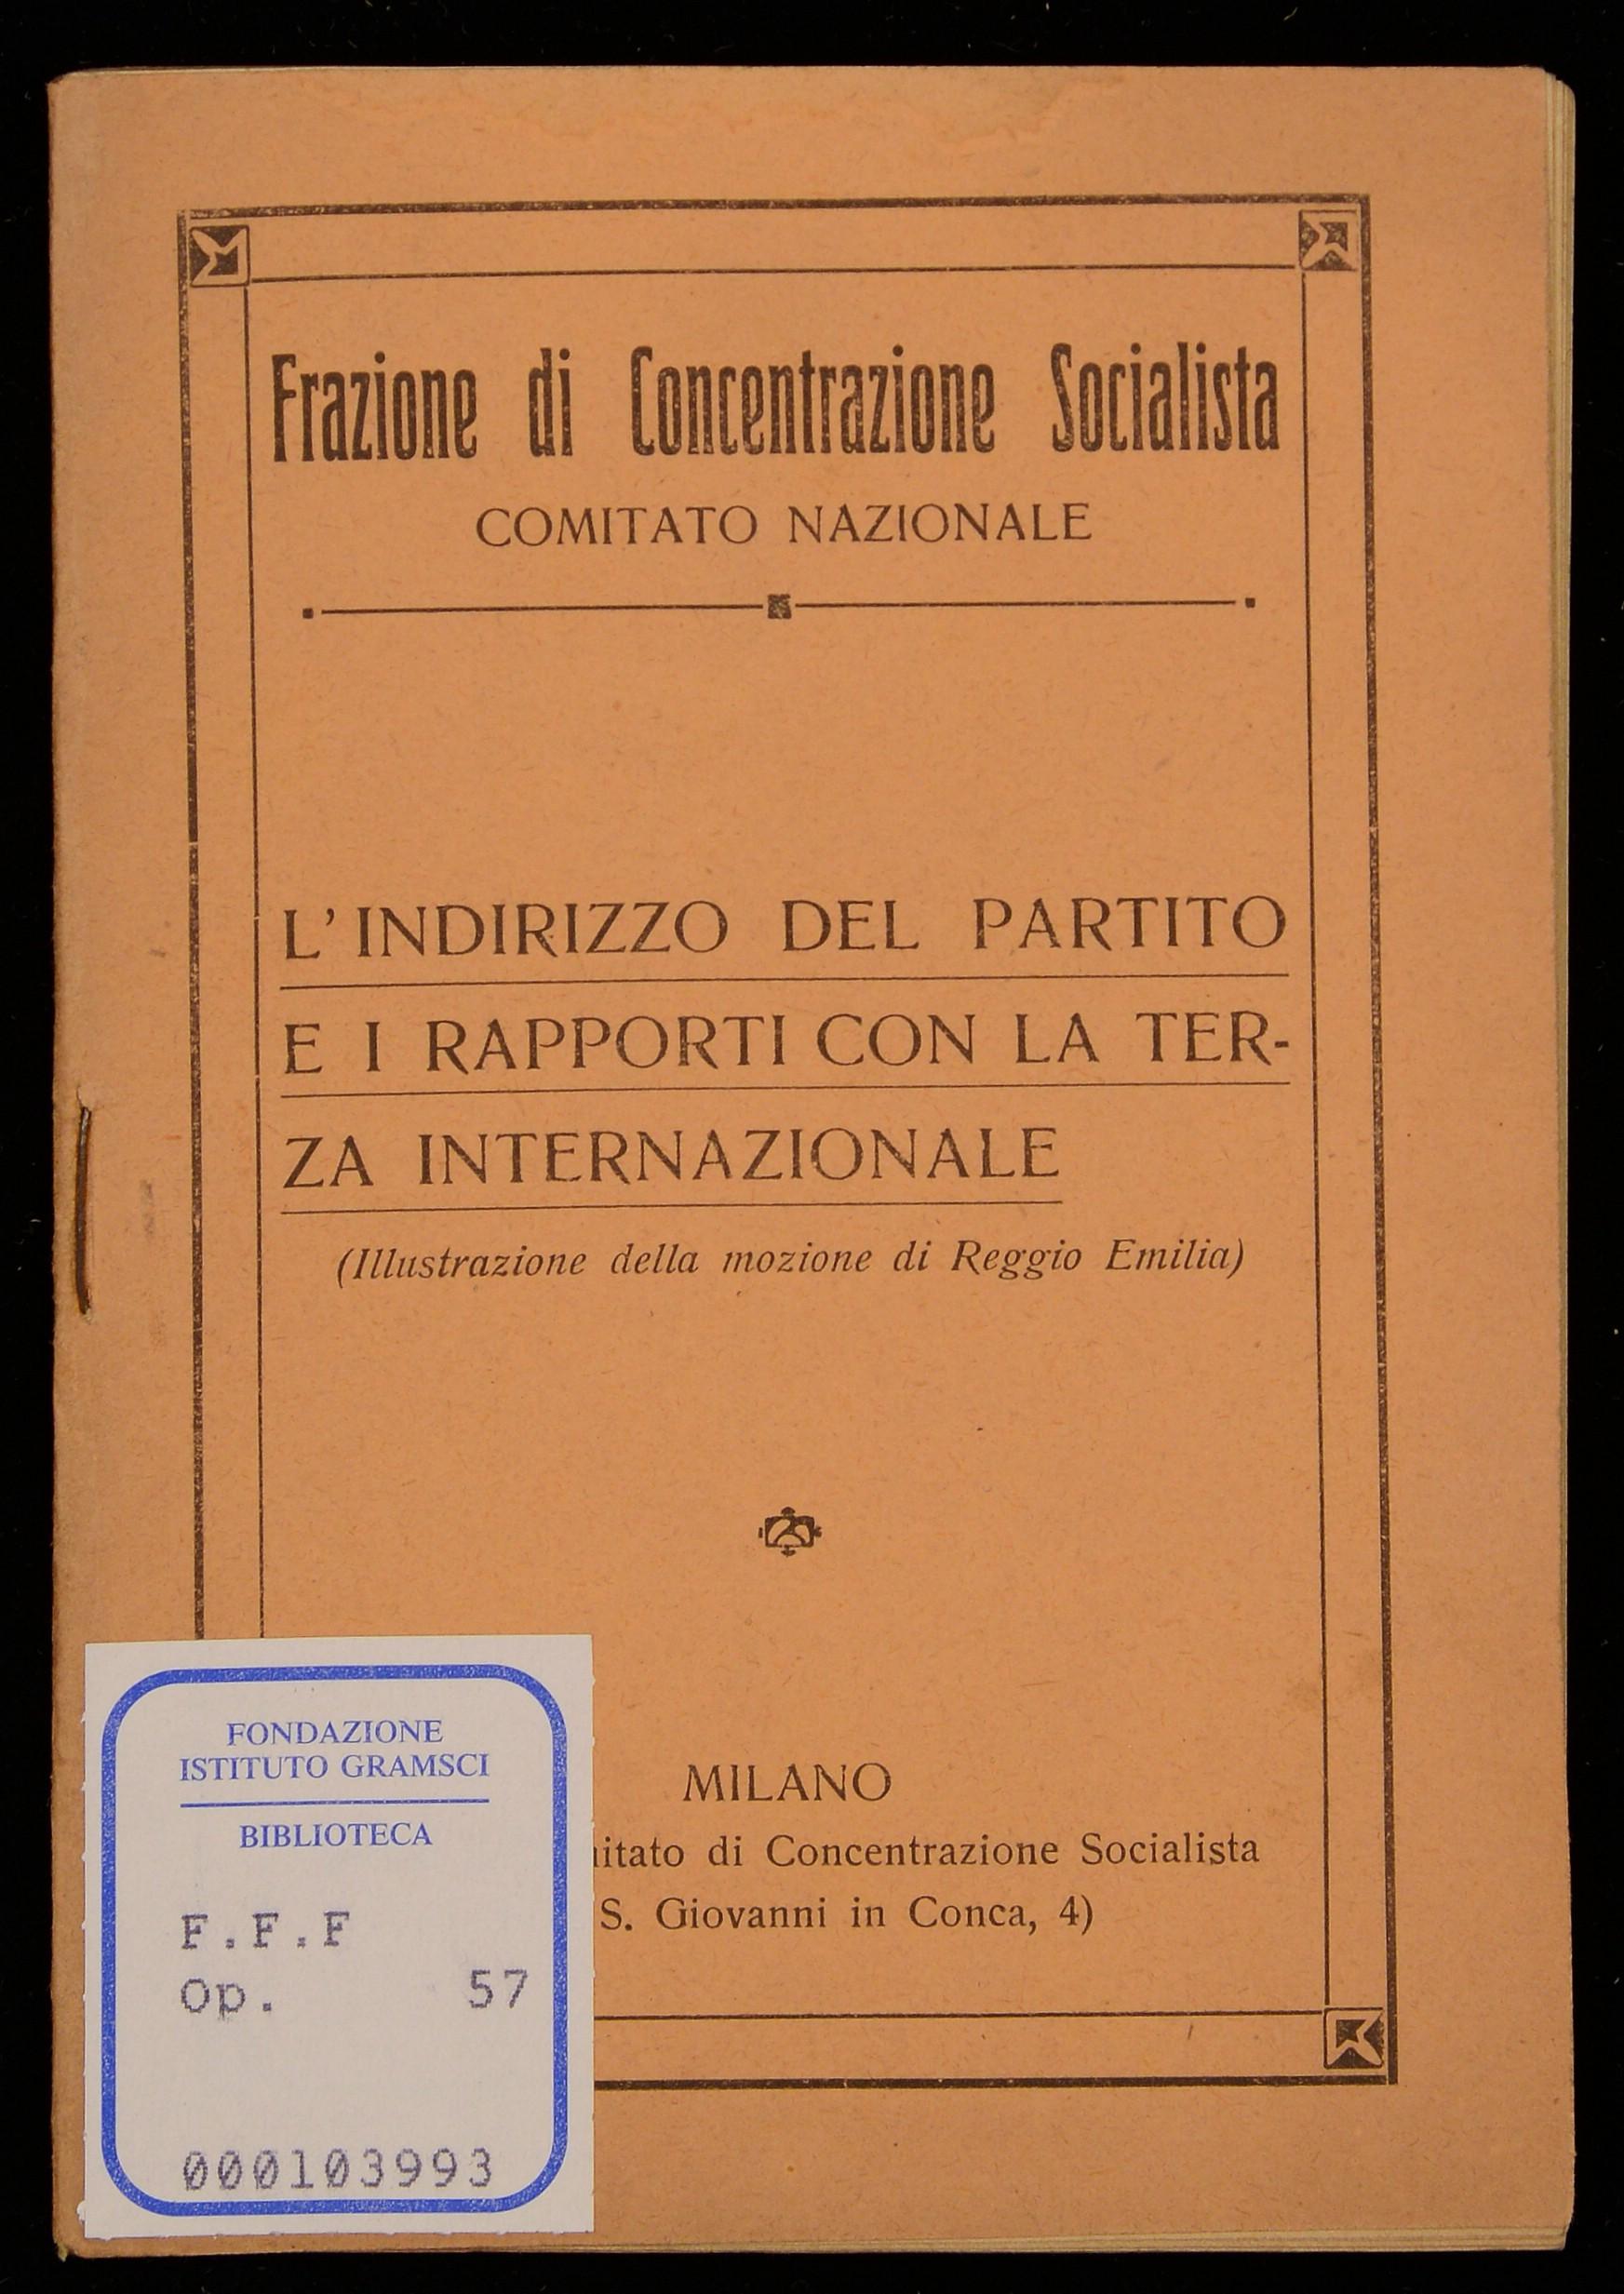 L'indirizzo del Partito e i rapporti con la Terza internazionale